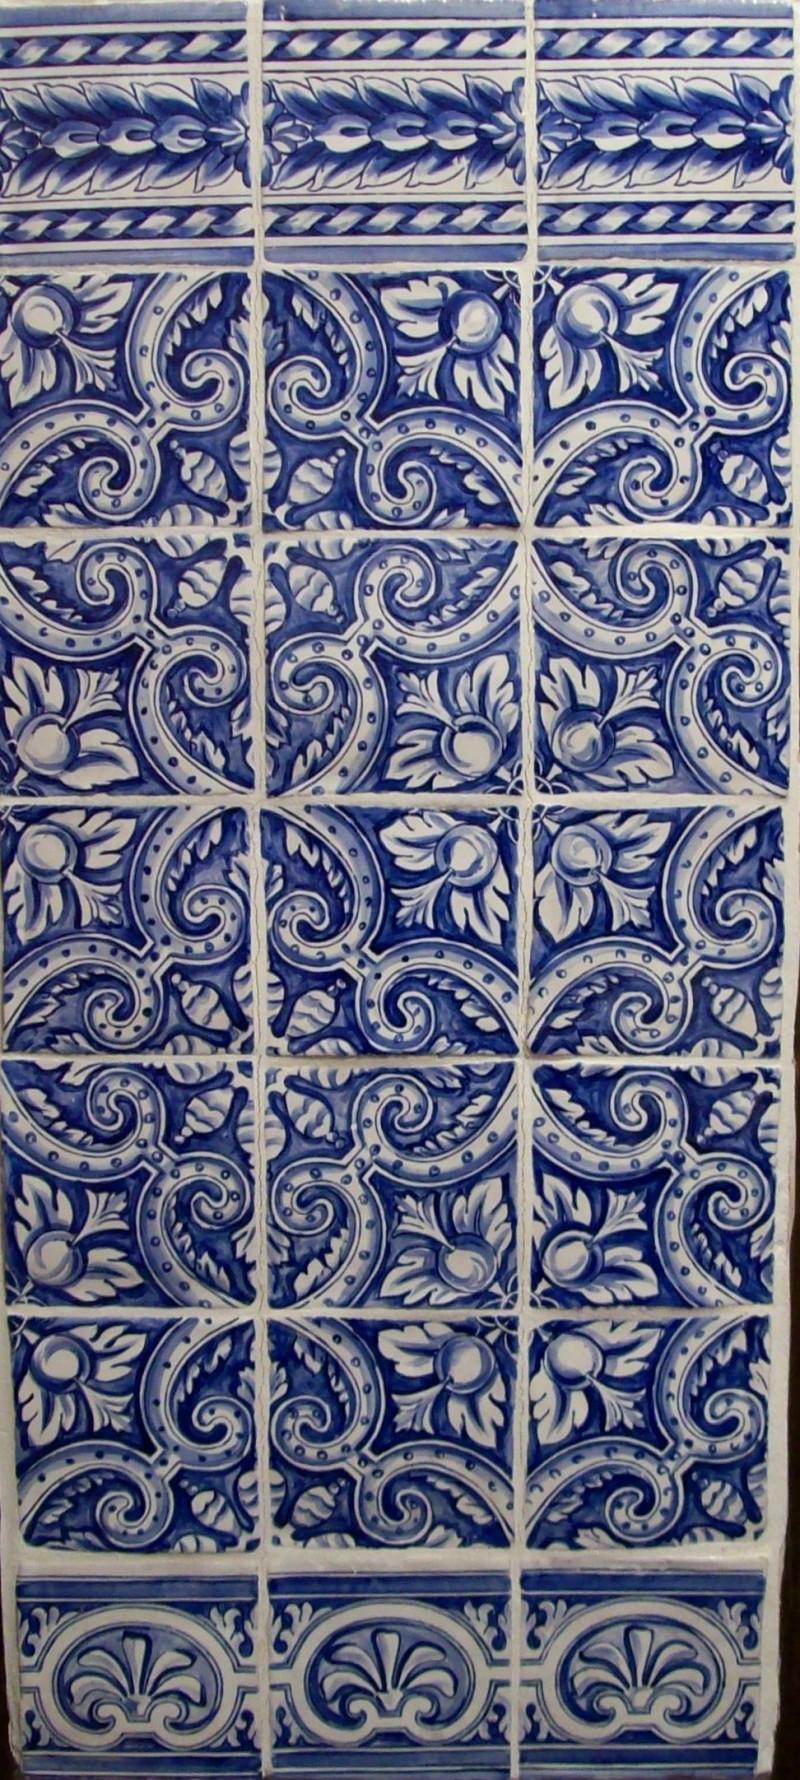 Azulejos para patios andaluces andaluz pinos x with azulejos para patios andaluces perfect - Azulejos patio andaluz ...